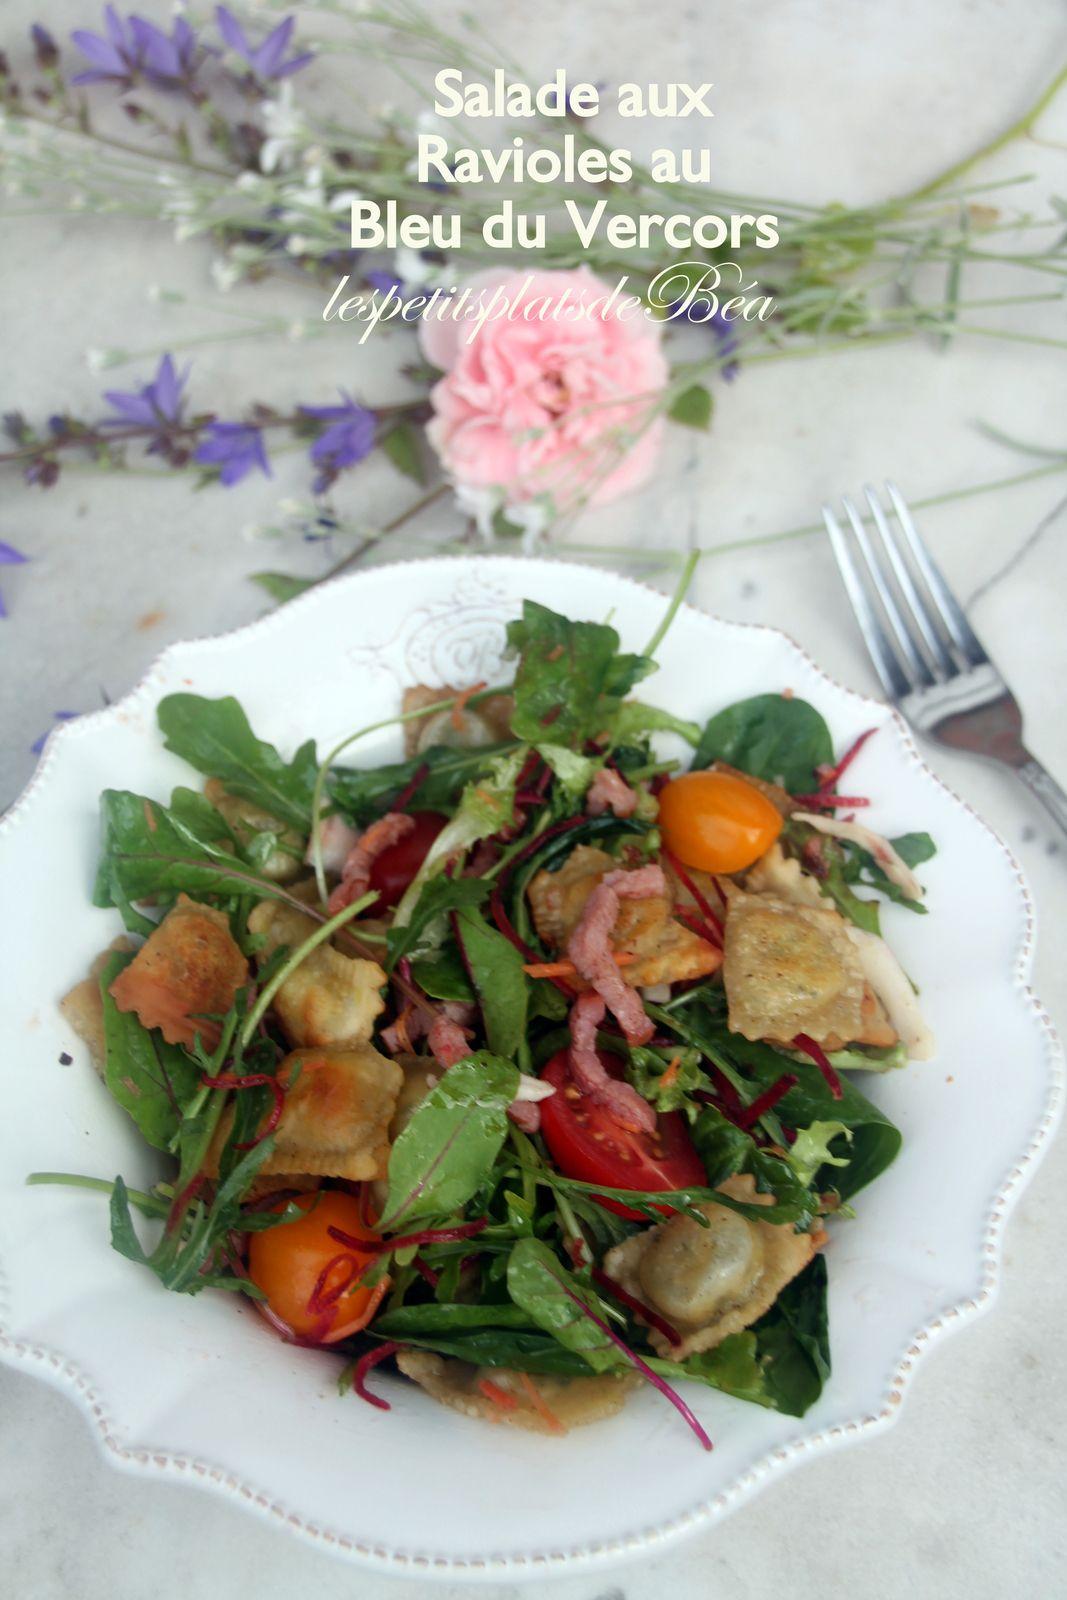 Salade aux ravioles au bleu du Vercors